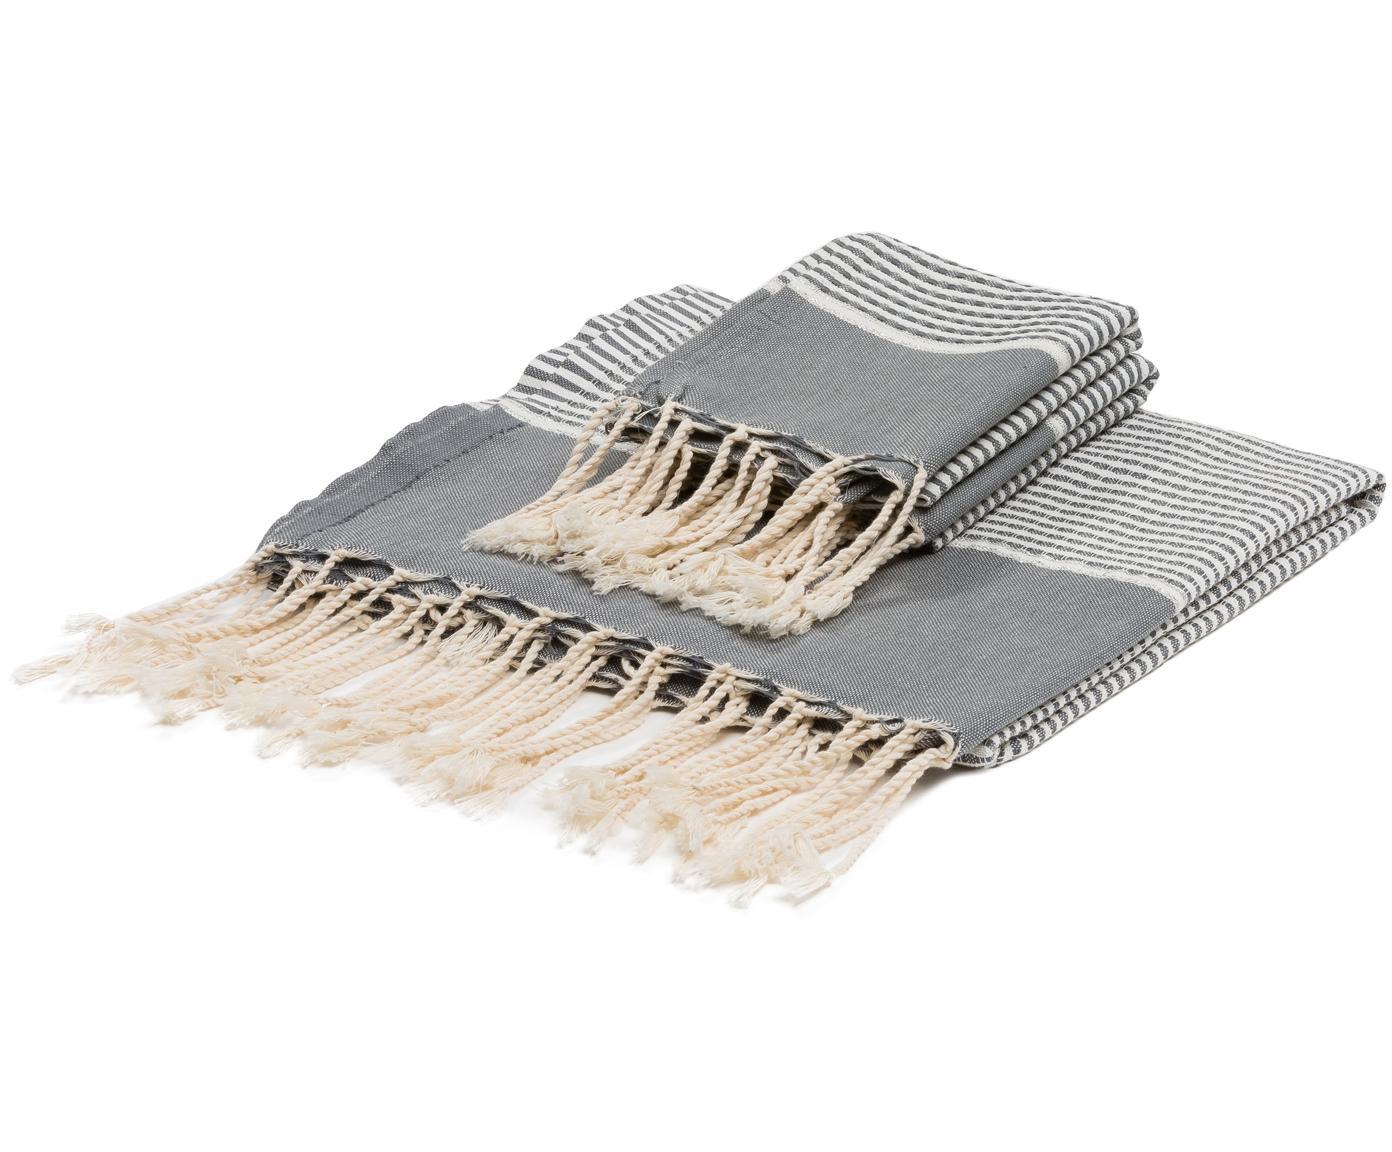 Lichte handdoekenset Copenhague met Lurex rand, 3-delig, Katoen, zeer lichte kwaliteit, 200 g/m² Lurex-draden, Grijs, zilverkleurig, wit, Verschillende formaten